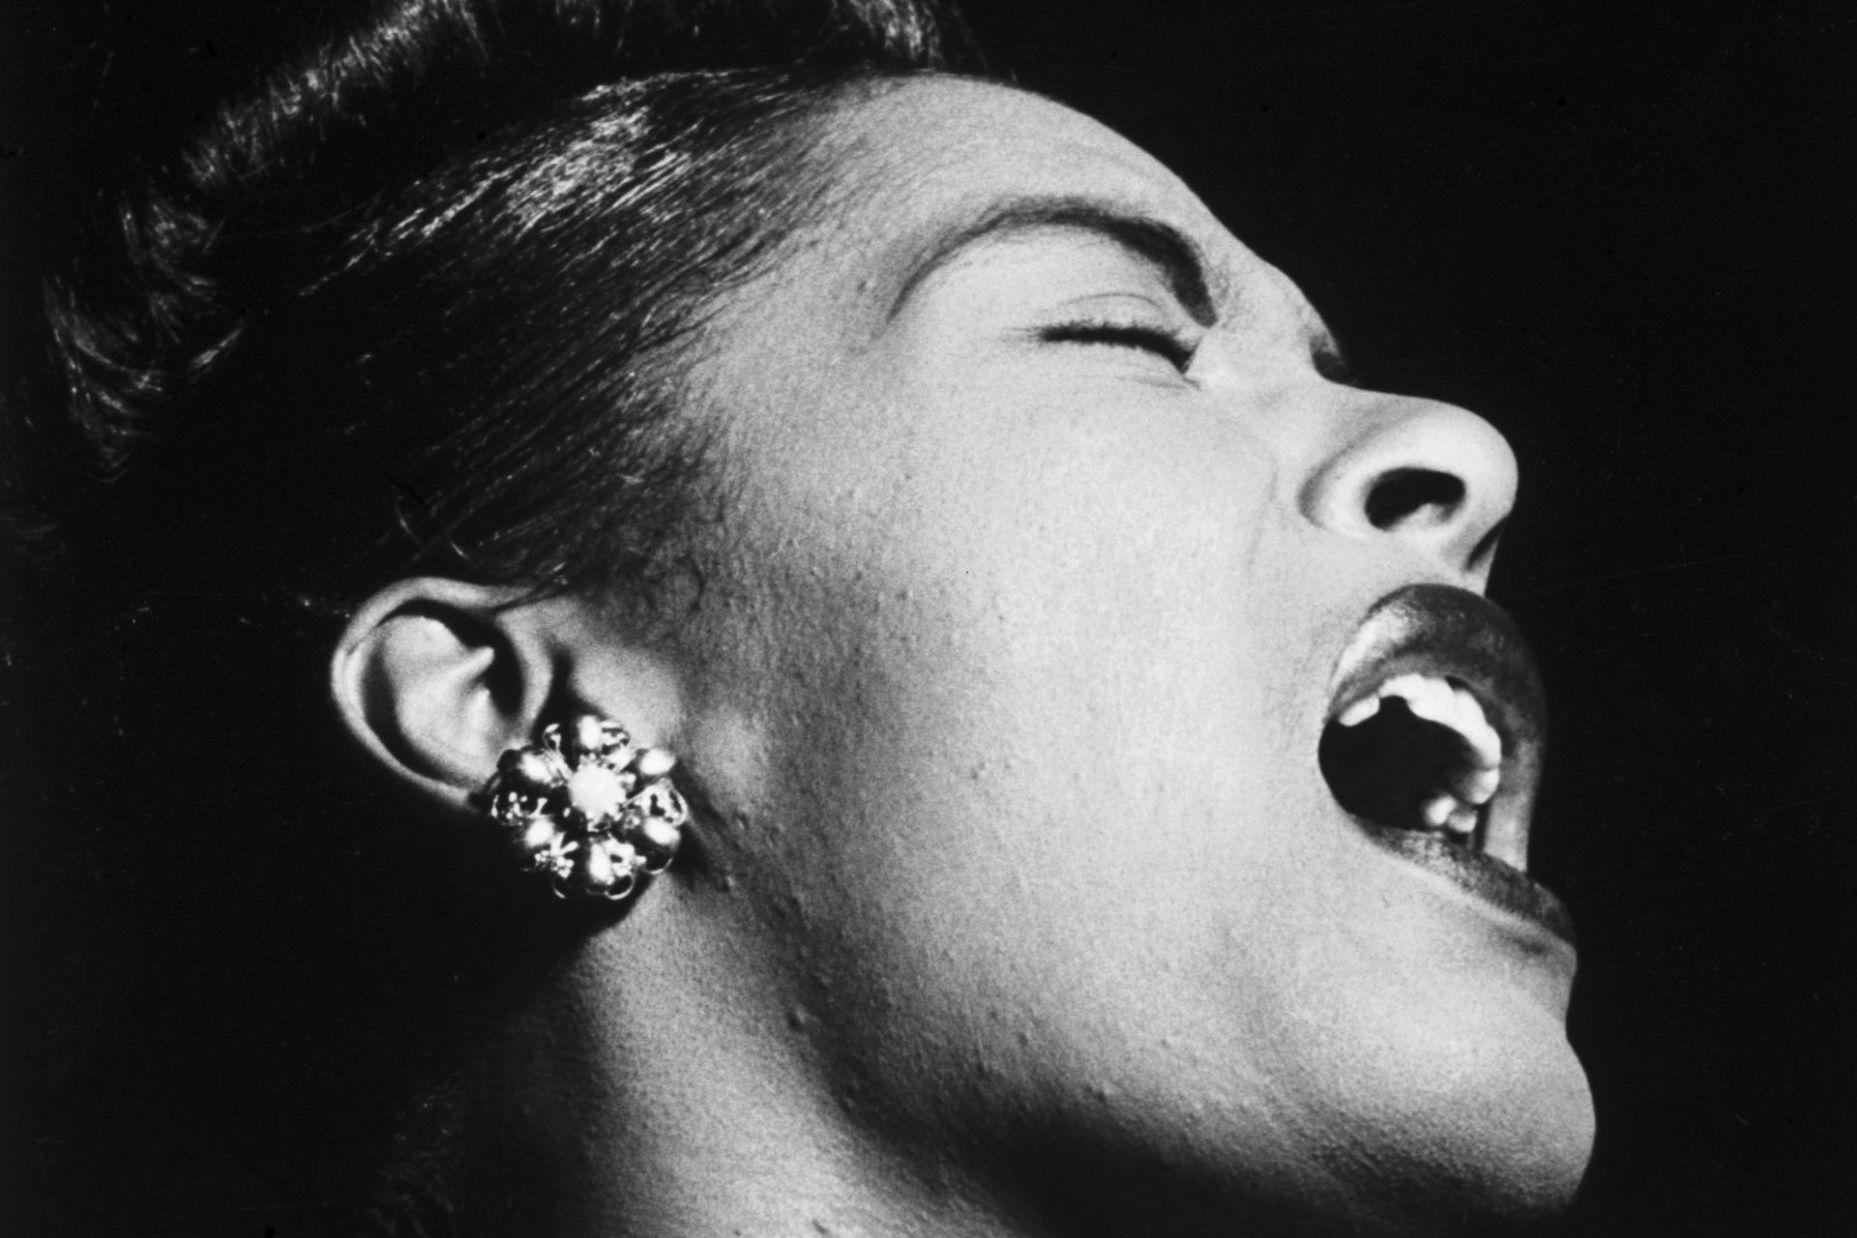 Singer Billie Holiday